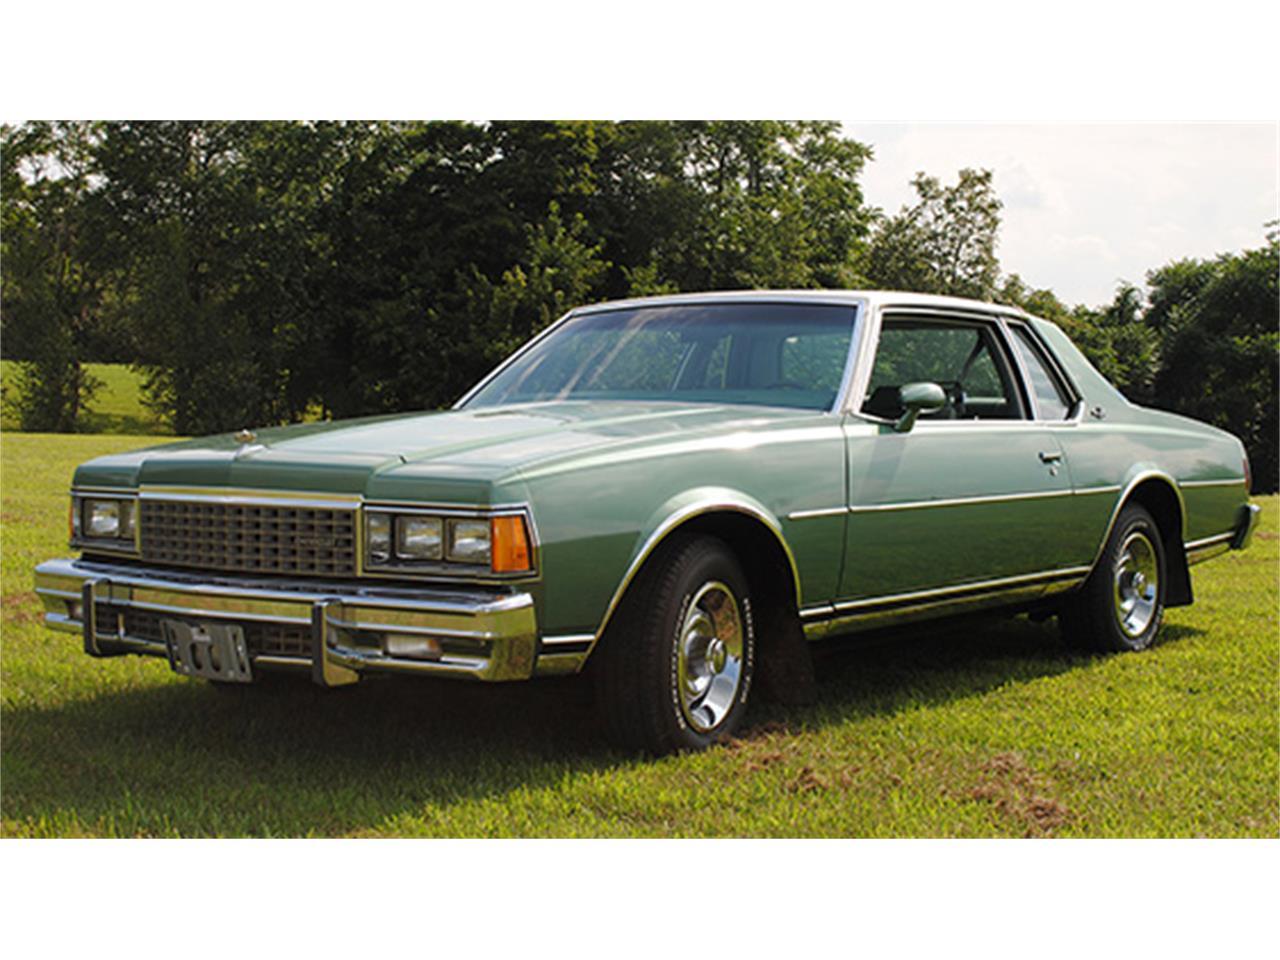 1978 Chevrolet Impala For Sale Classiccars Com Cc 1012070